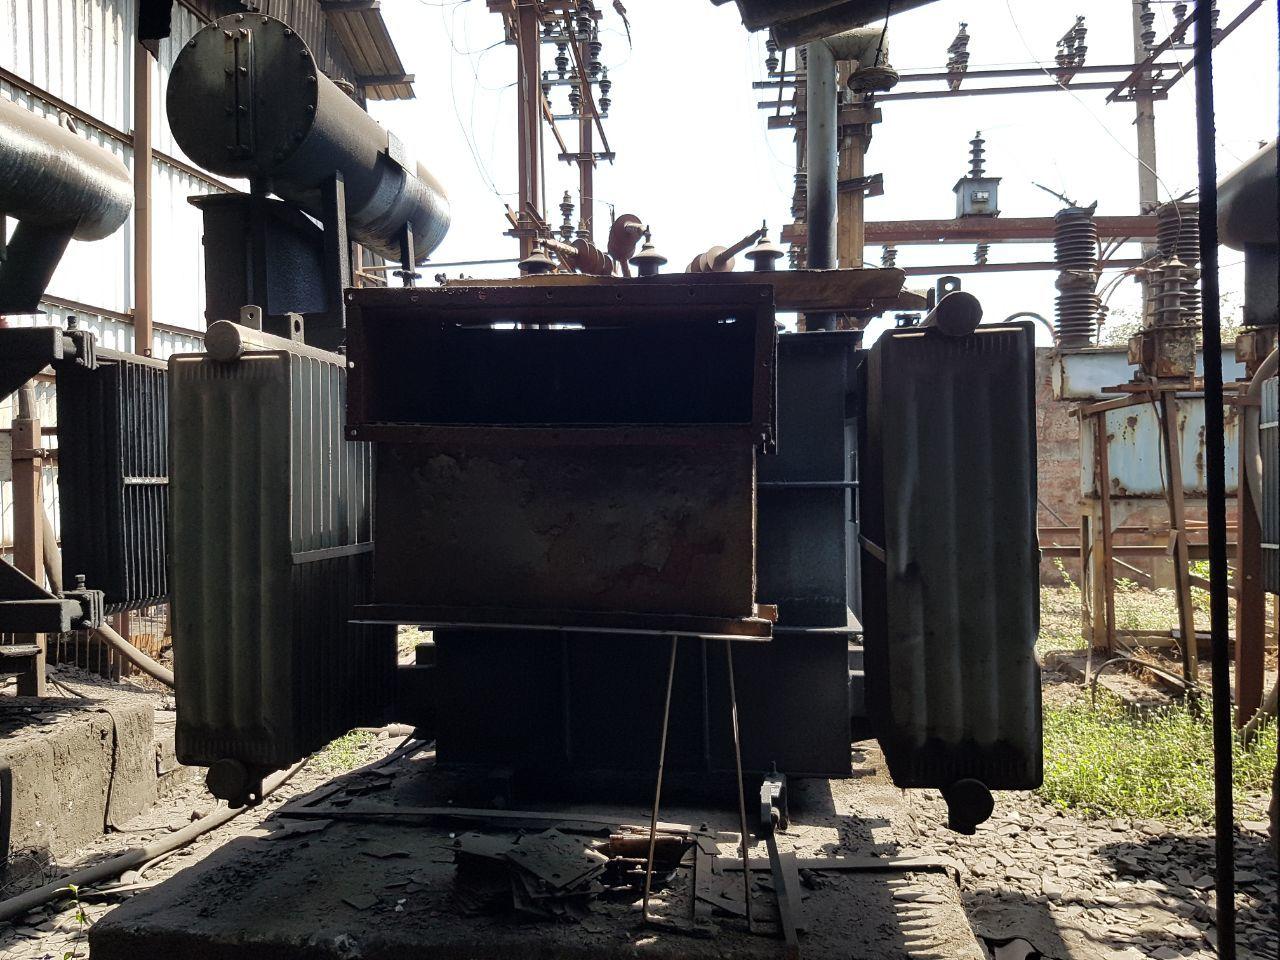 1250 kva transformer